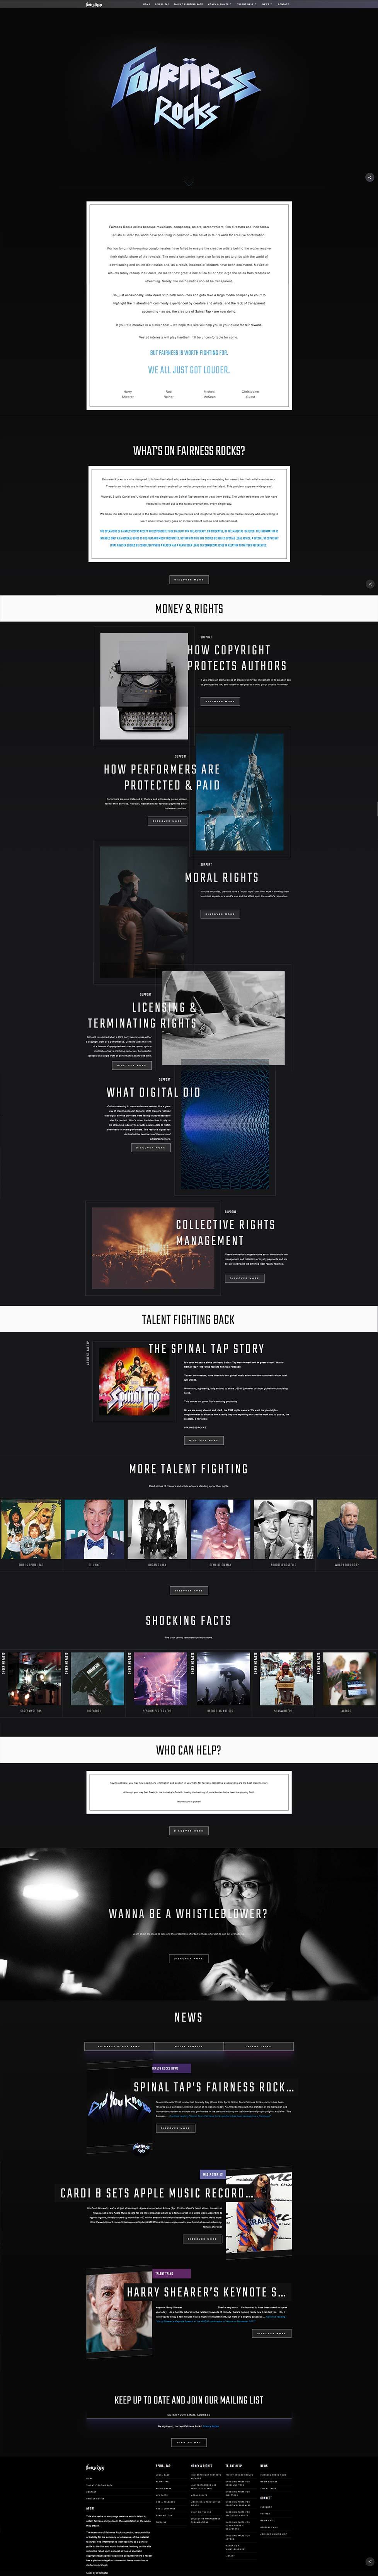 FairnessRocks_site